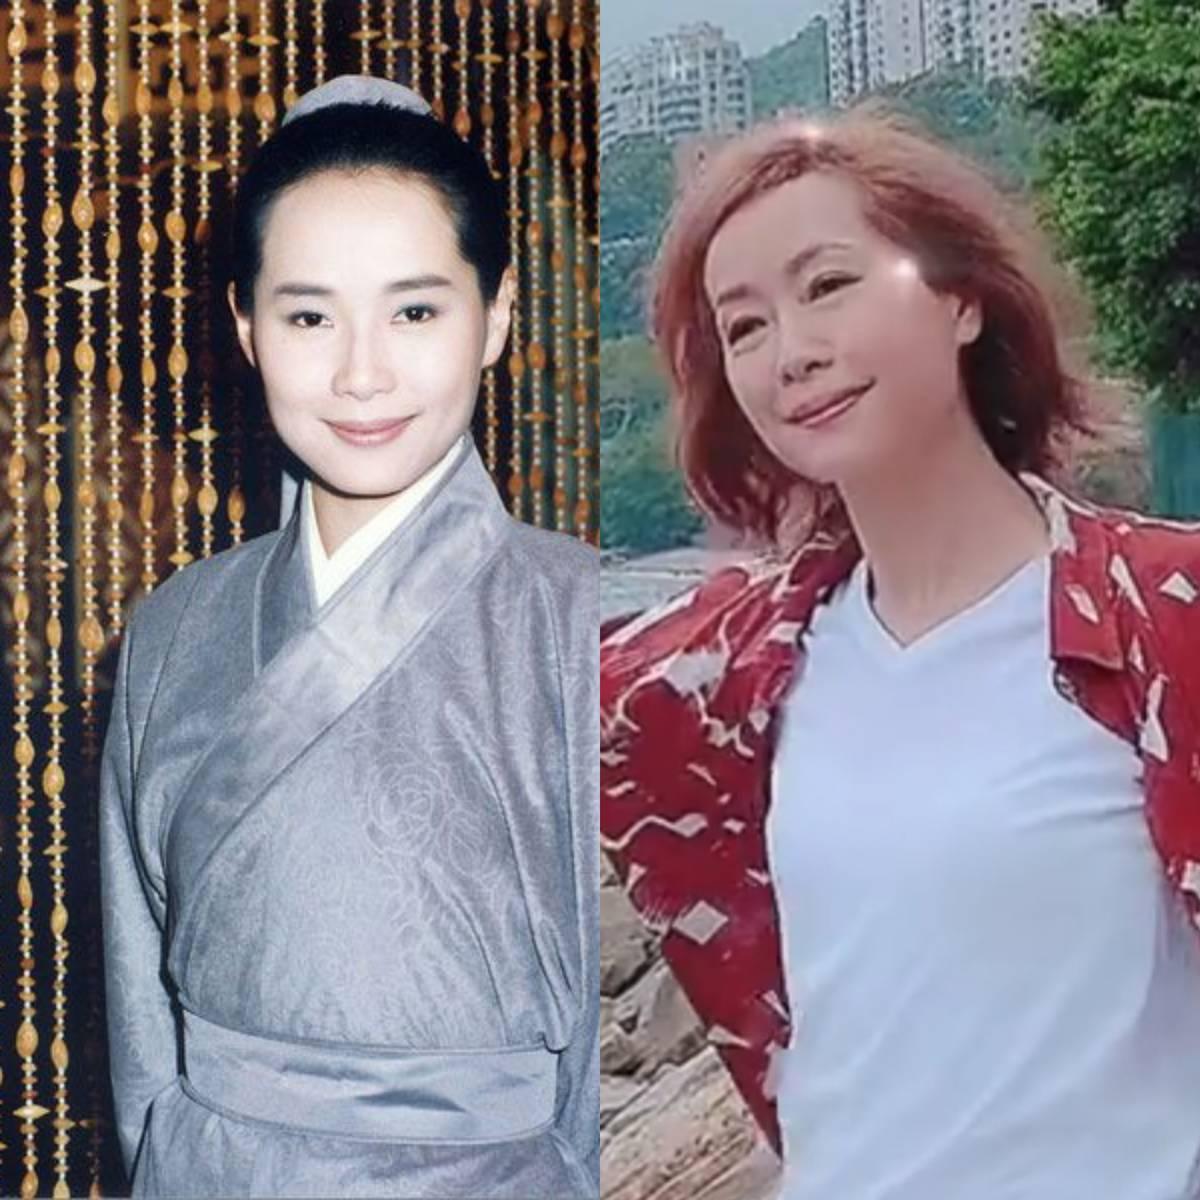 66岁赵雅芝再扮白娘子,风韵依存不减当年,近看比小38岁杨紫还嫩